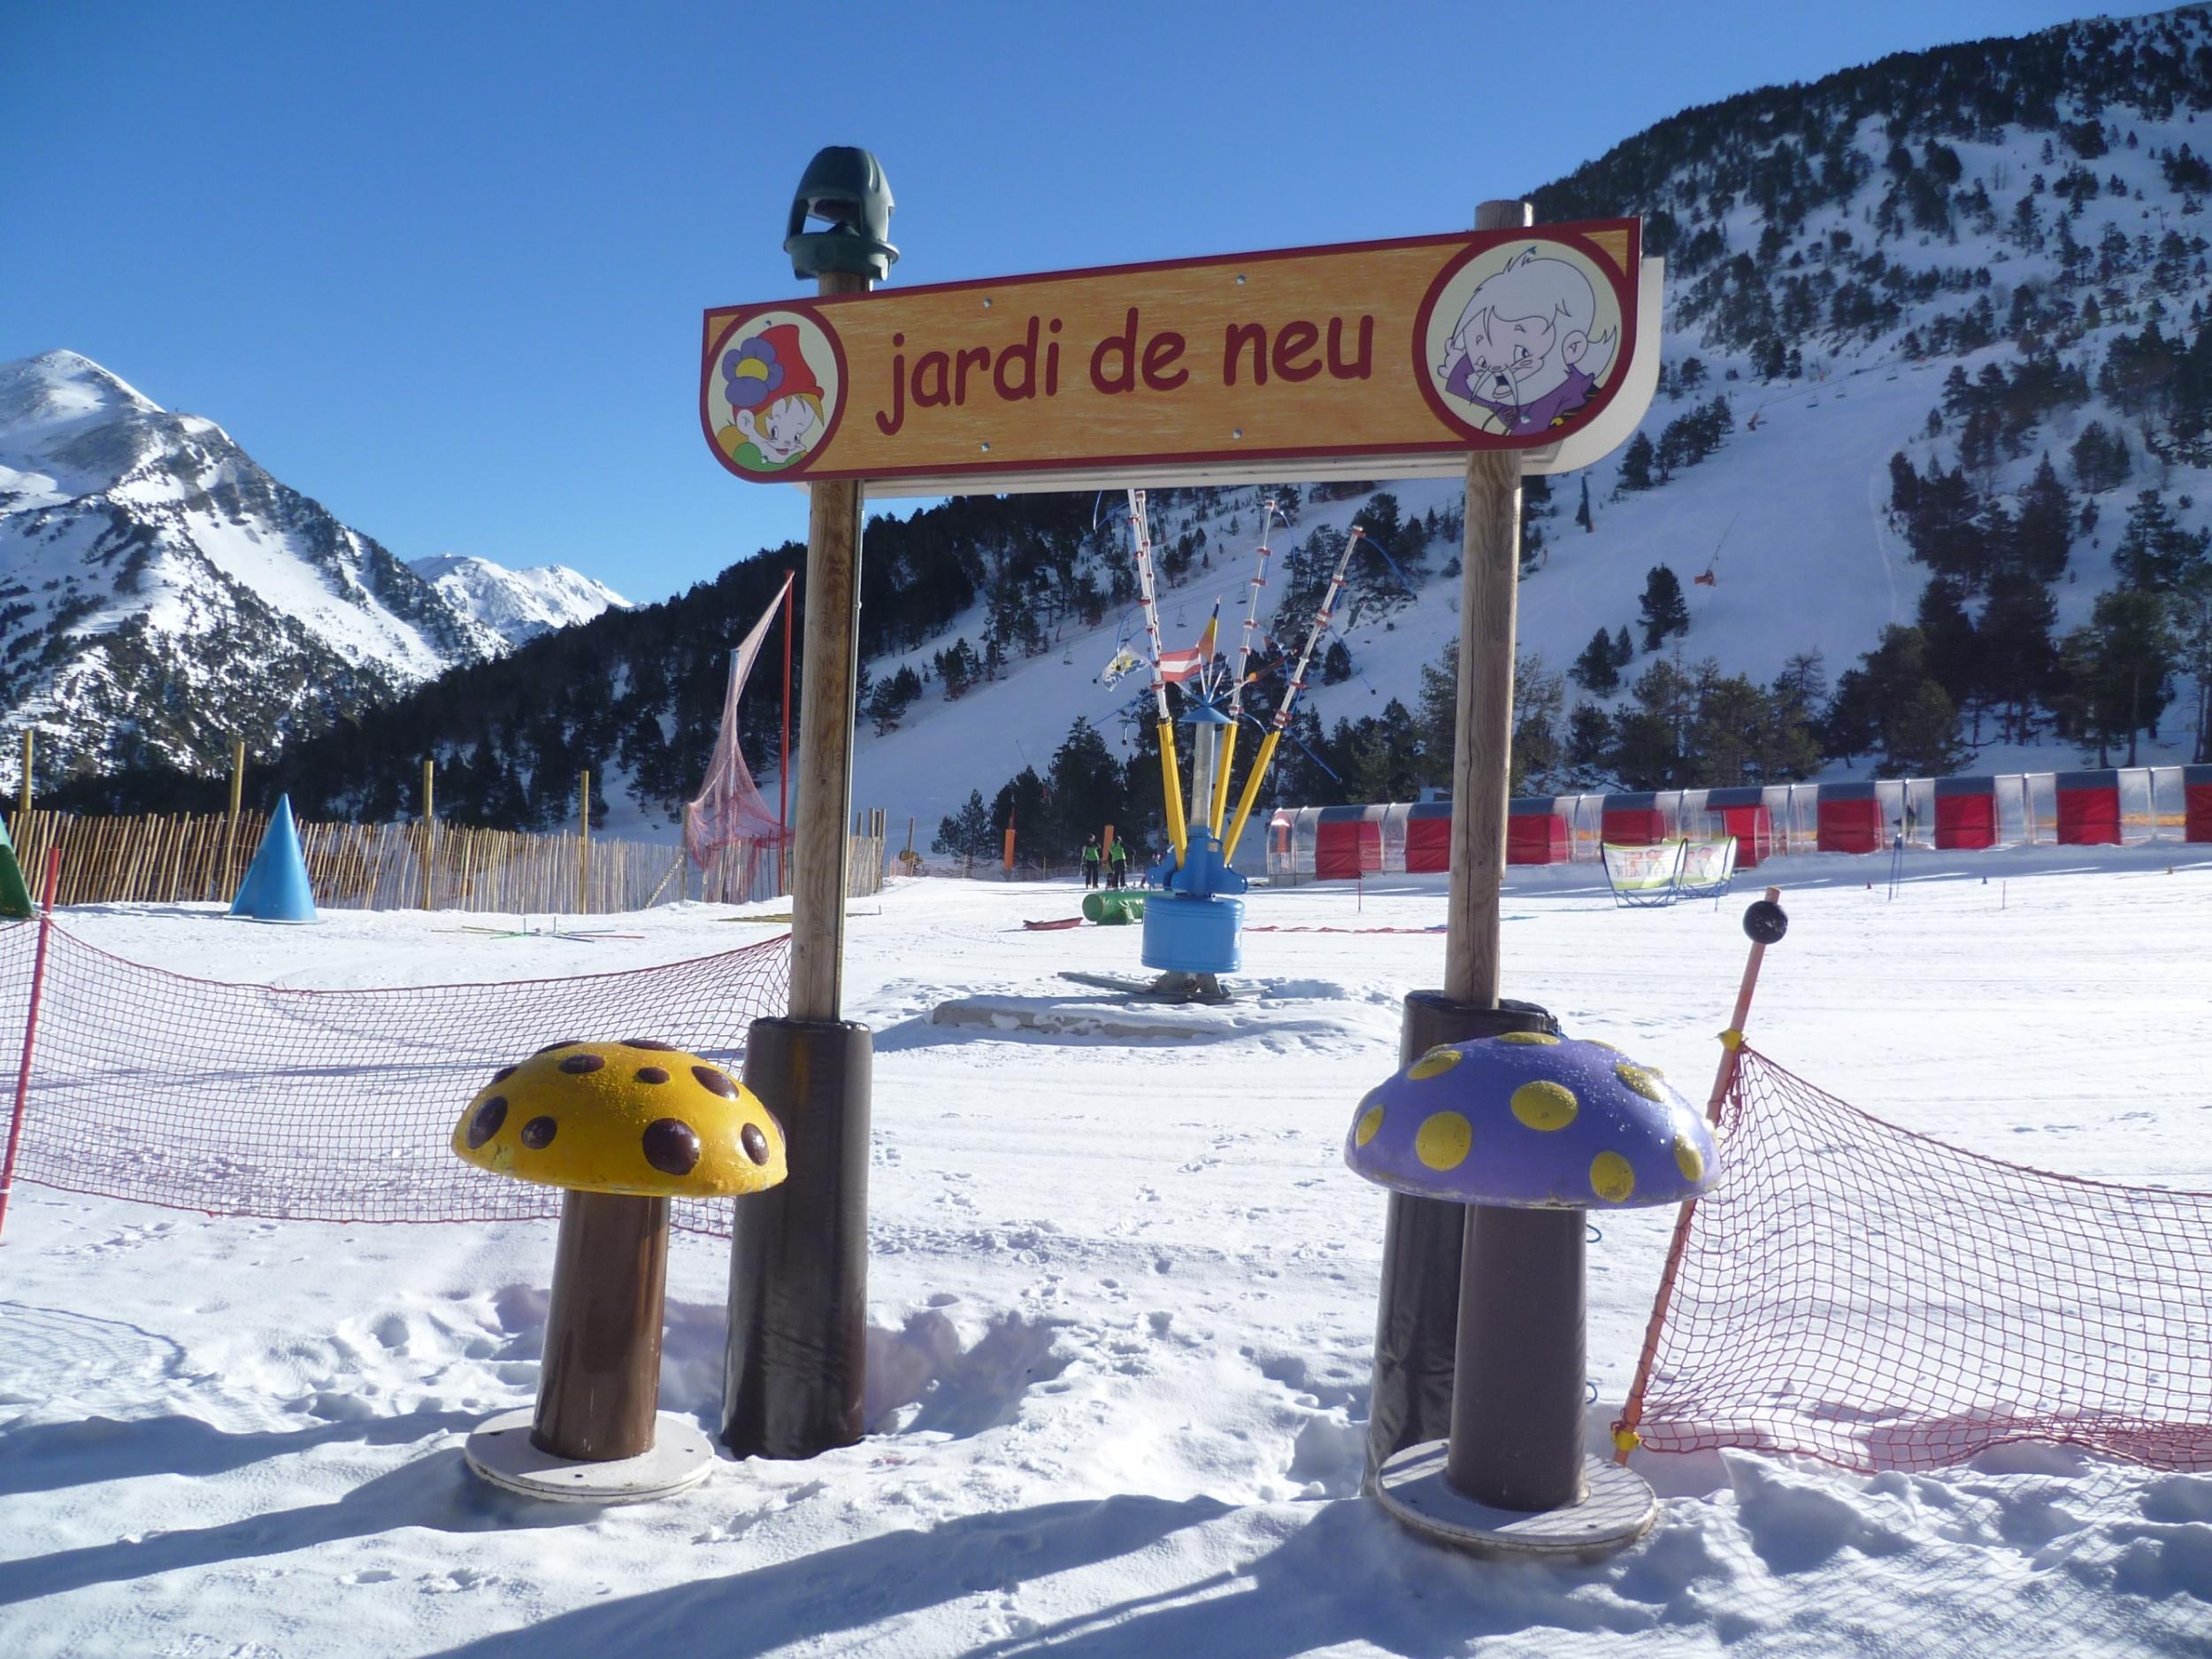 7 consejos fundamentales para esquiar con ni os for Jardin de nieve formigal